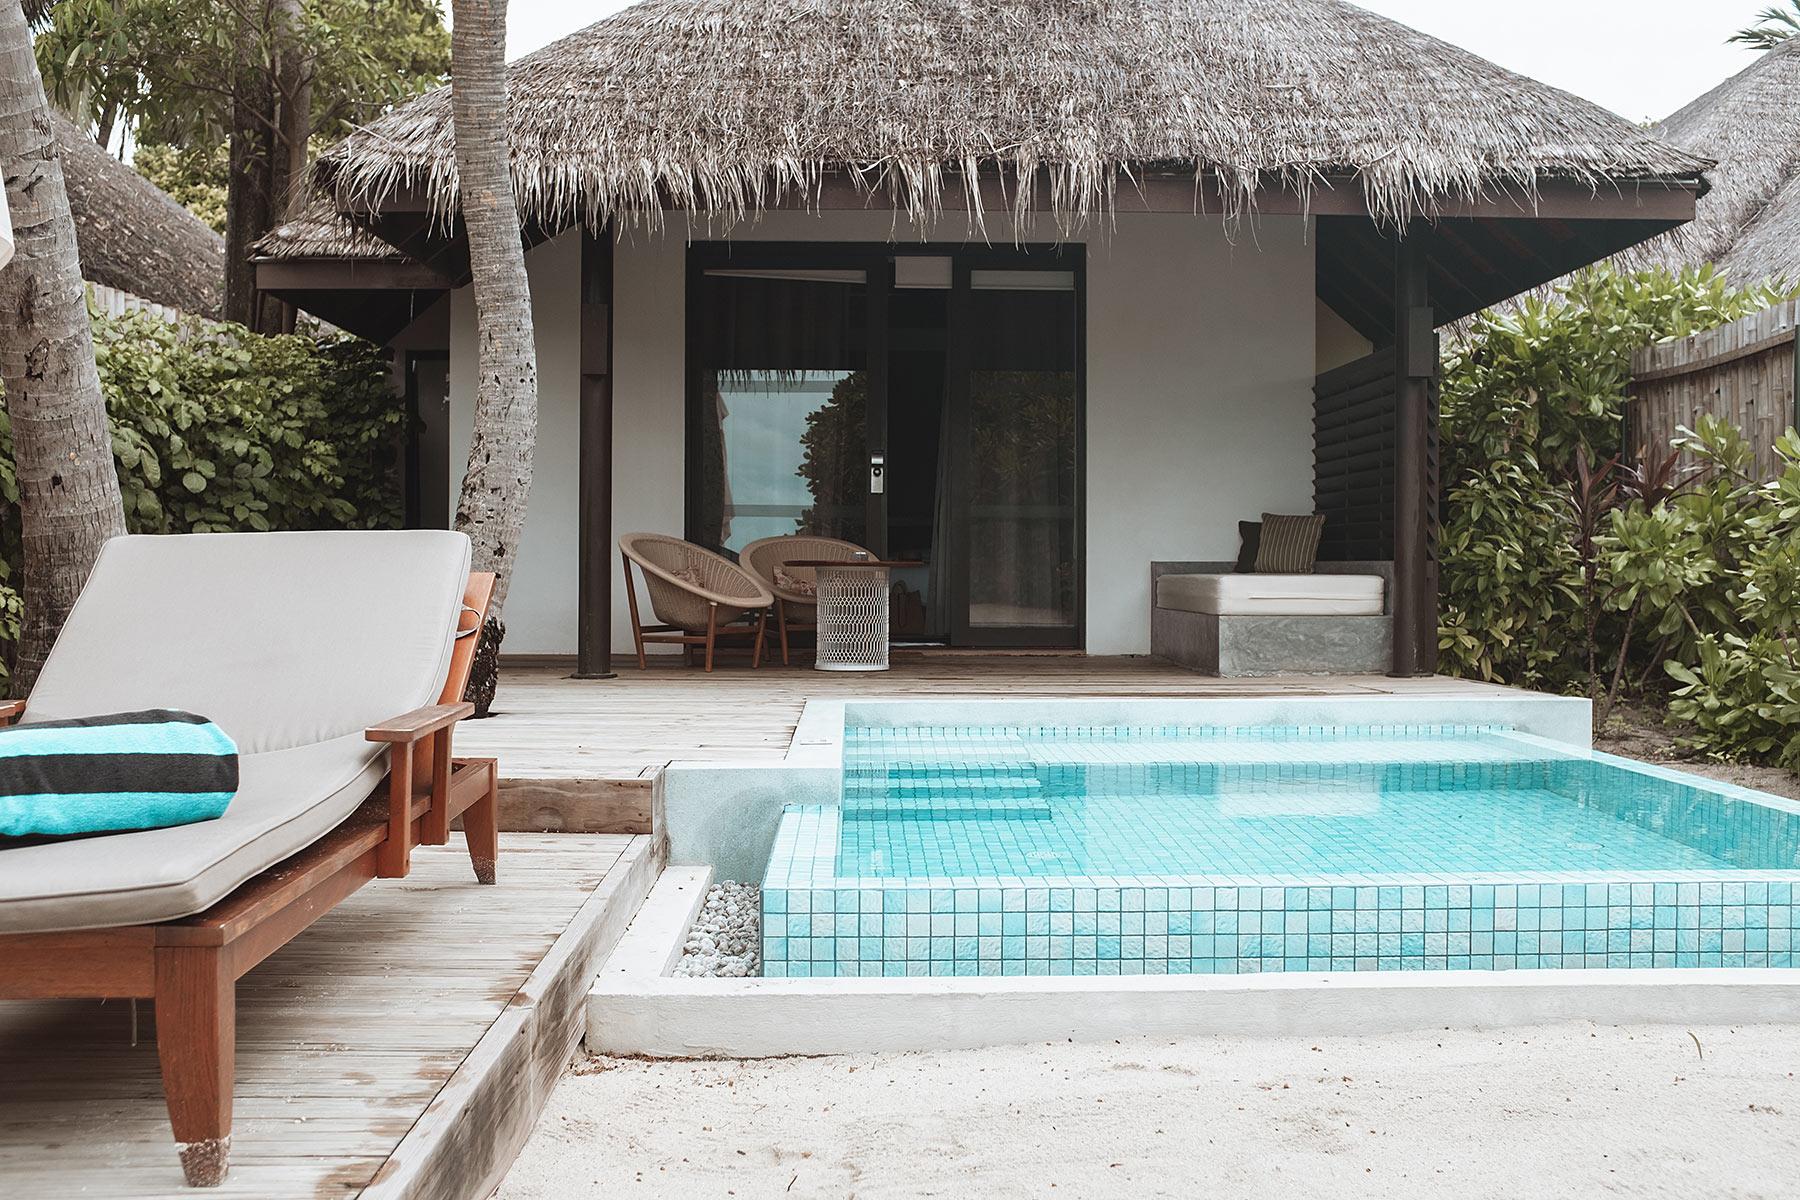 velassaru maldives beachvilla pool travel blog sunnyinga